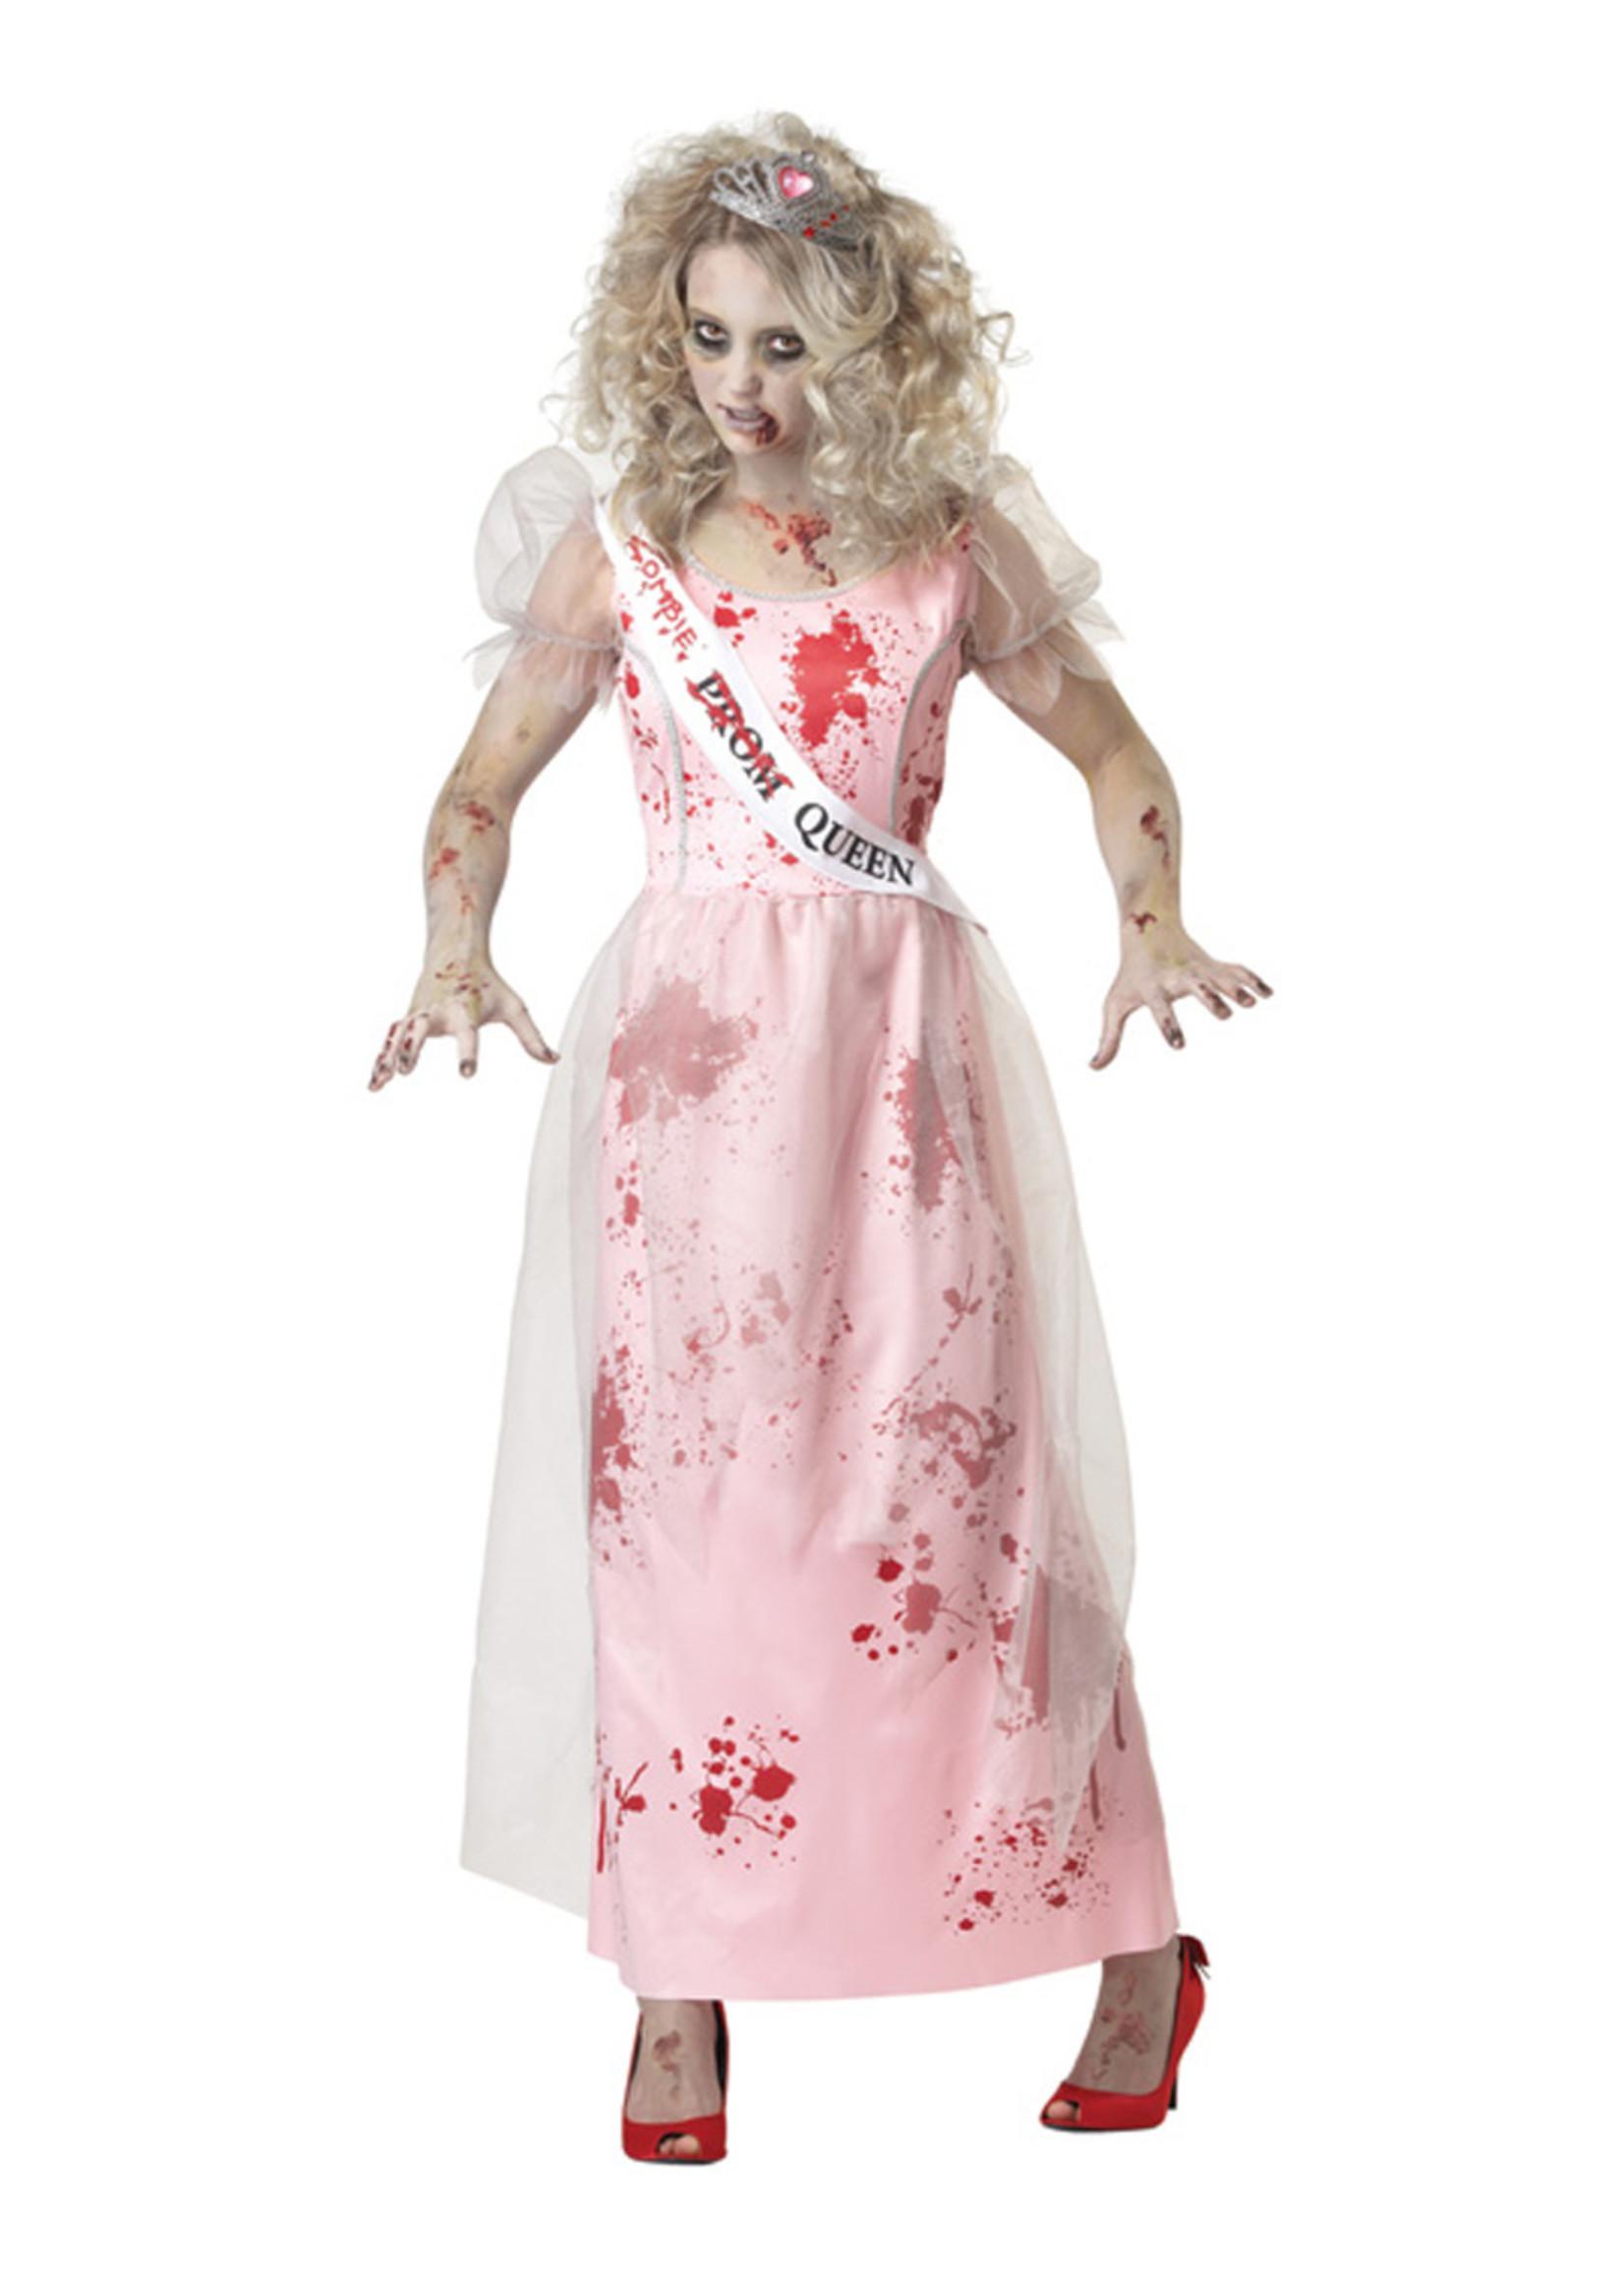 Prom Zom Costume - Women's